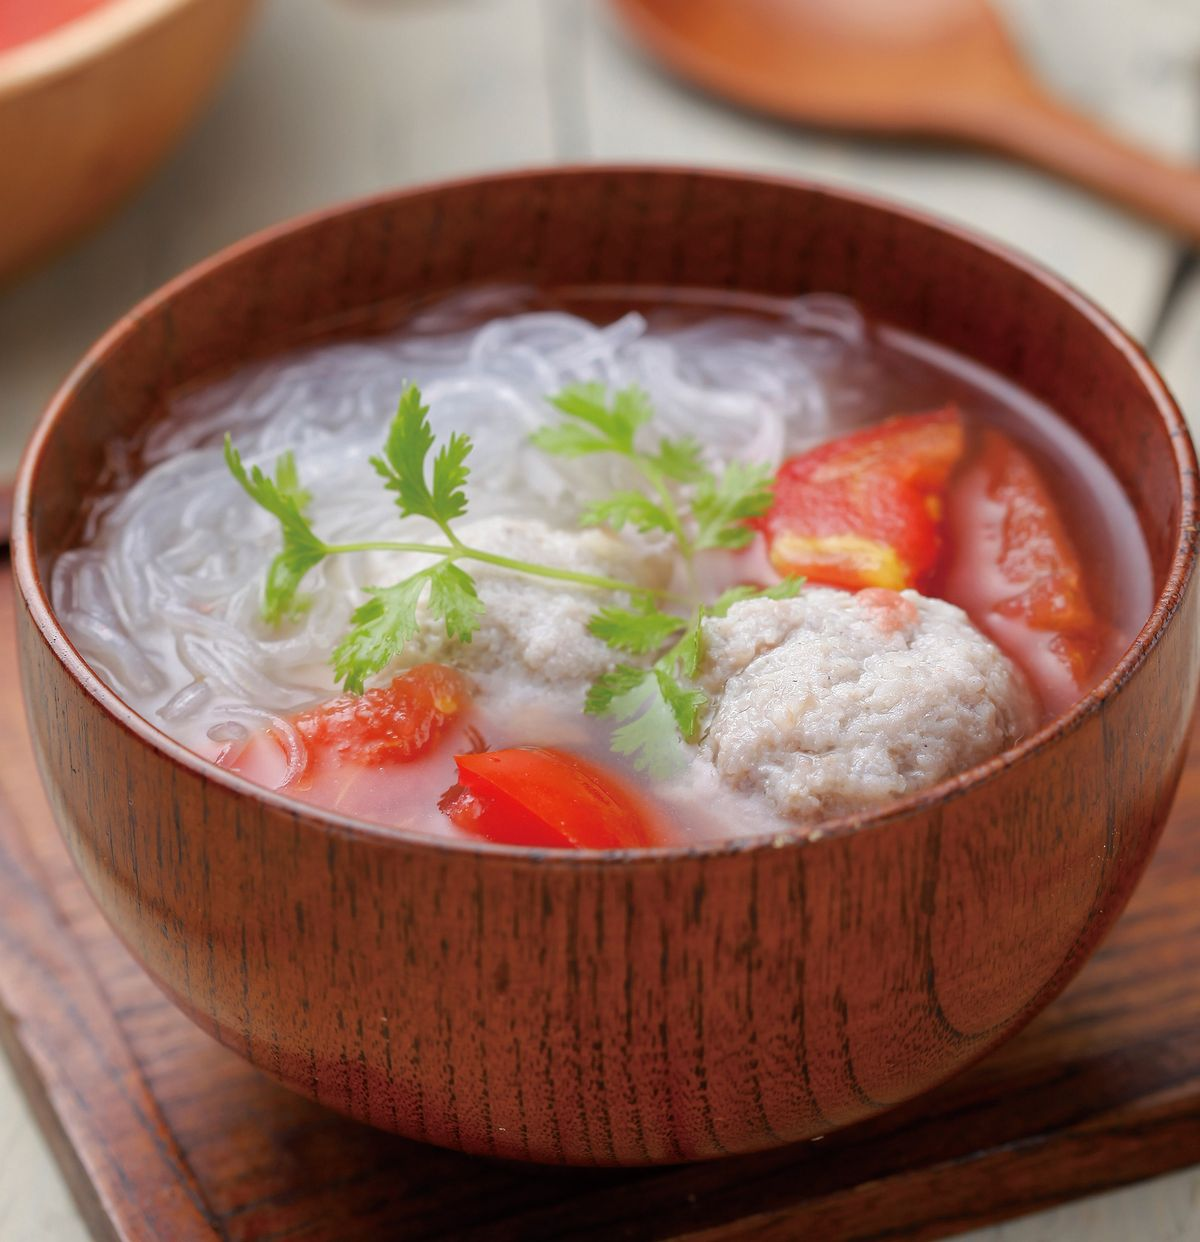 食譜:番茄春雨丸子湯